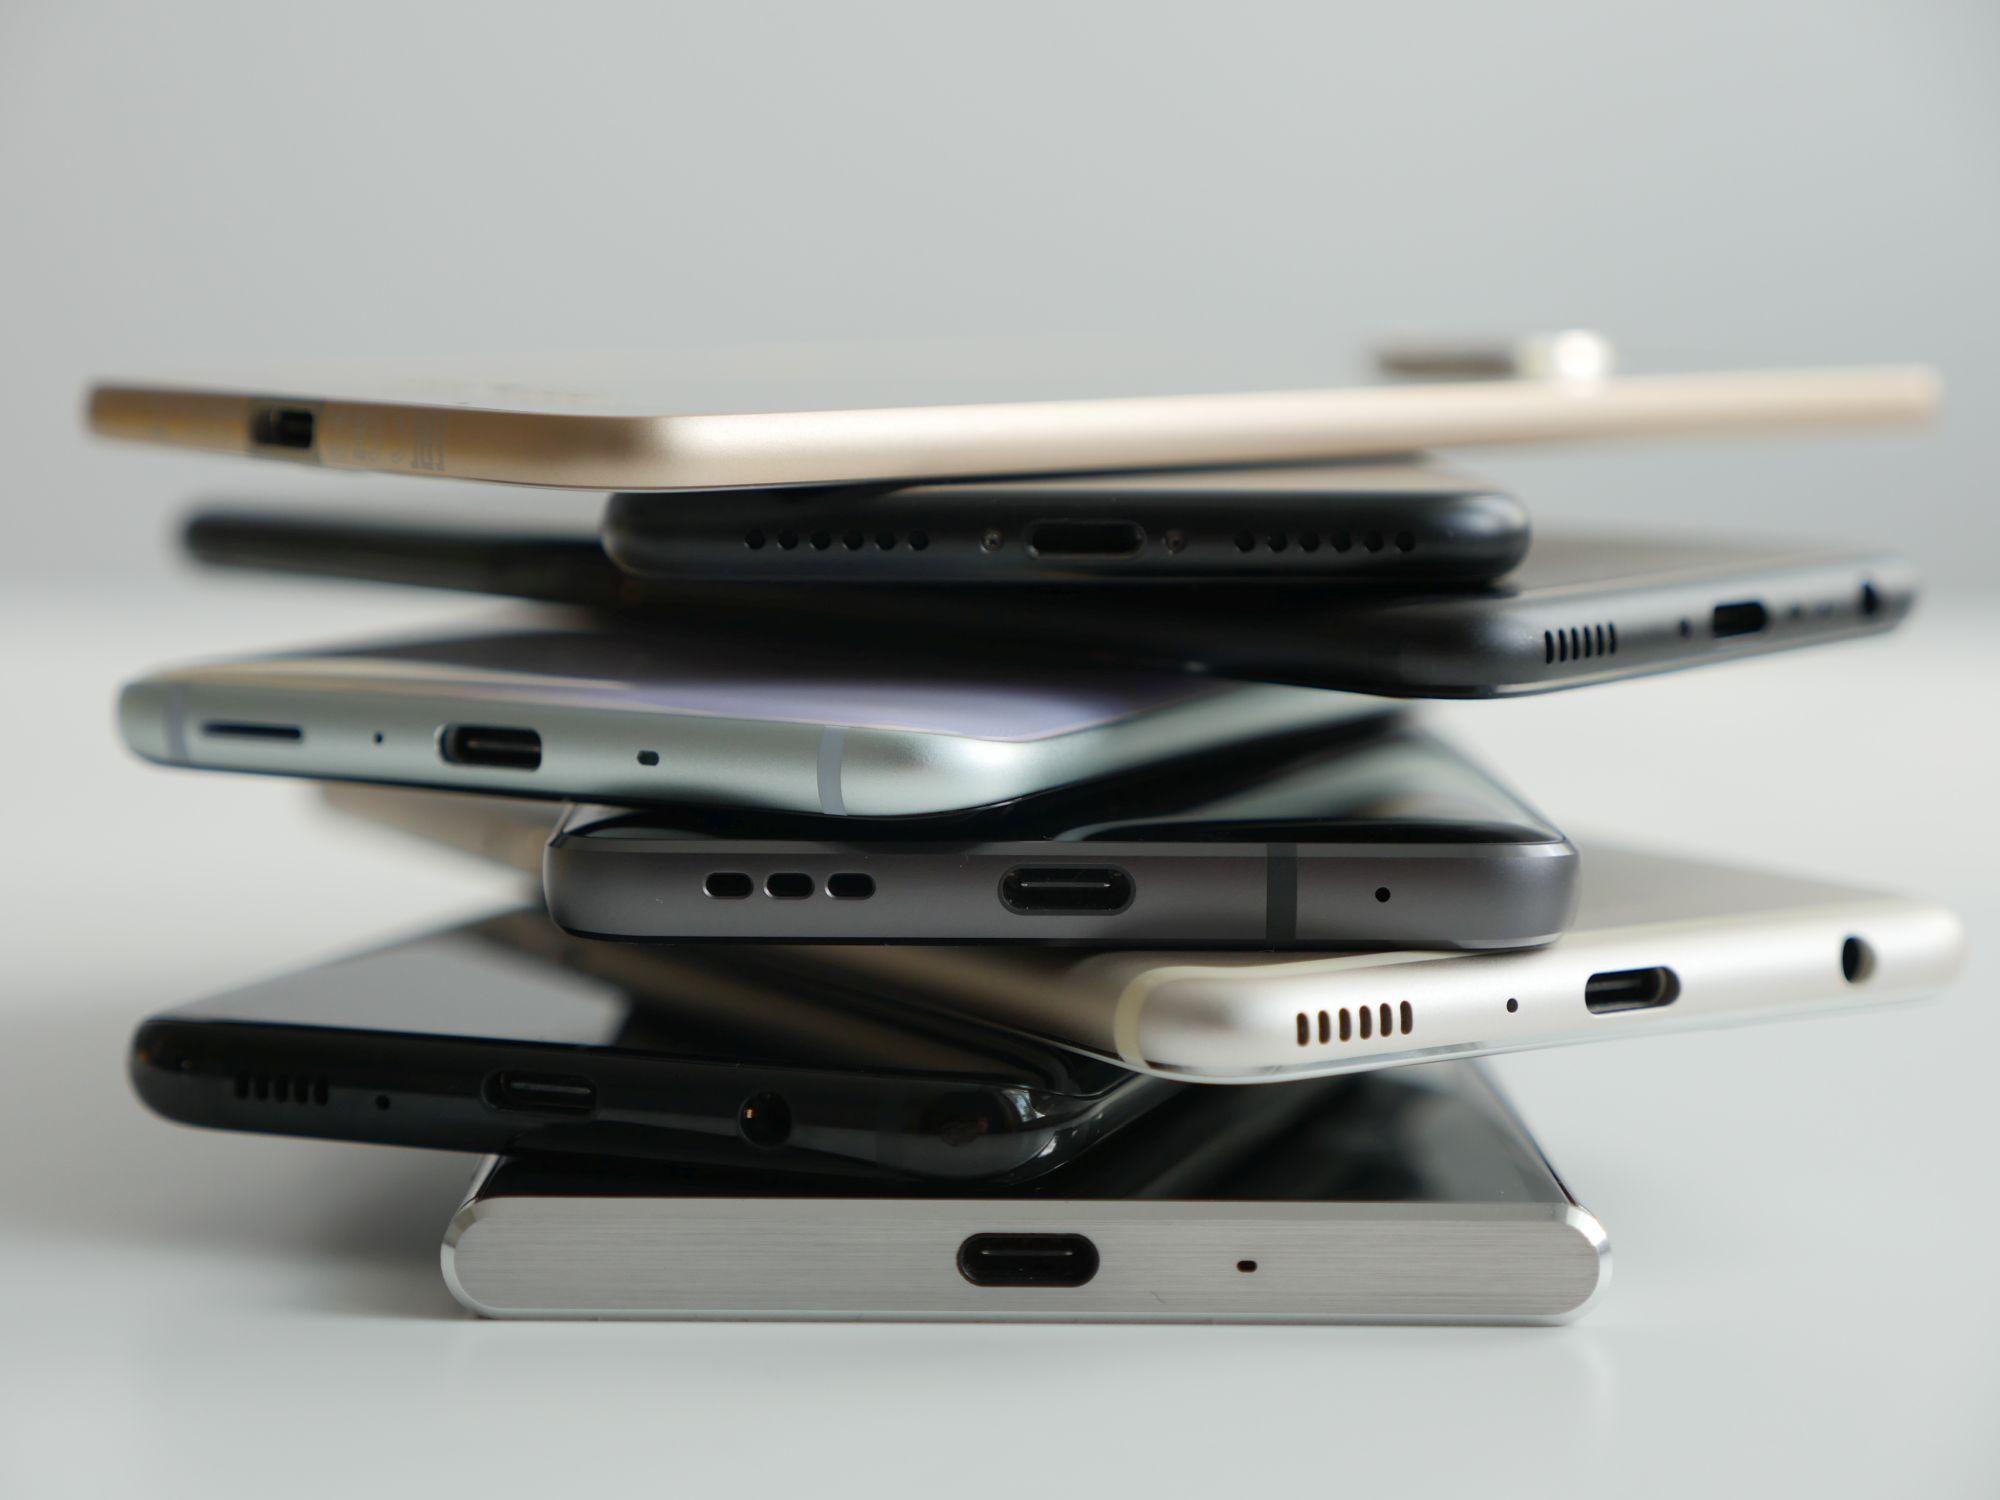 Tabletowo.pl Nasze wielkie porównanie flagowców. 11 najlepszych smartfonów w jednym miejscu! Android Co kupić HTC Huawei iOS LG Motorola Nowości OnePlus Porady Porównania Recenzje Samsung Smartfony Sony Xiaomi